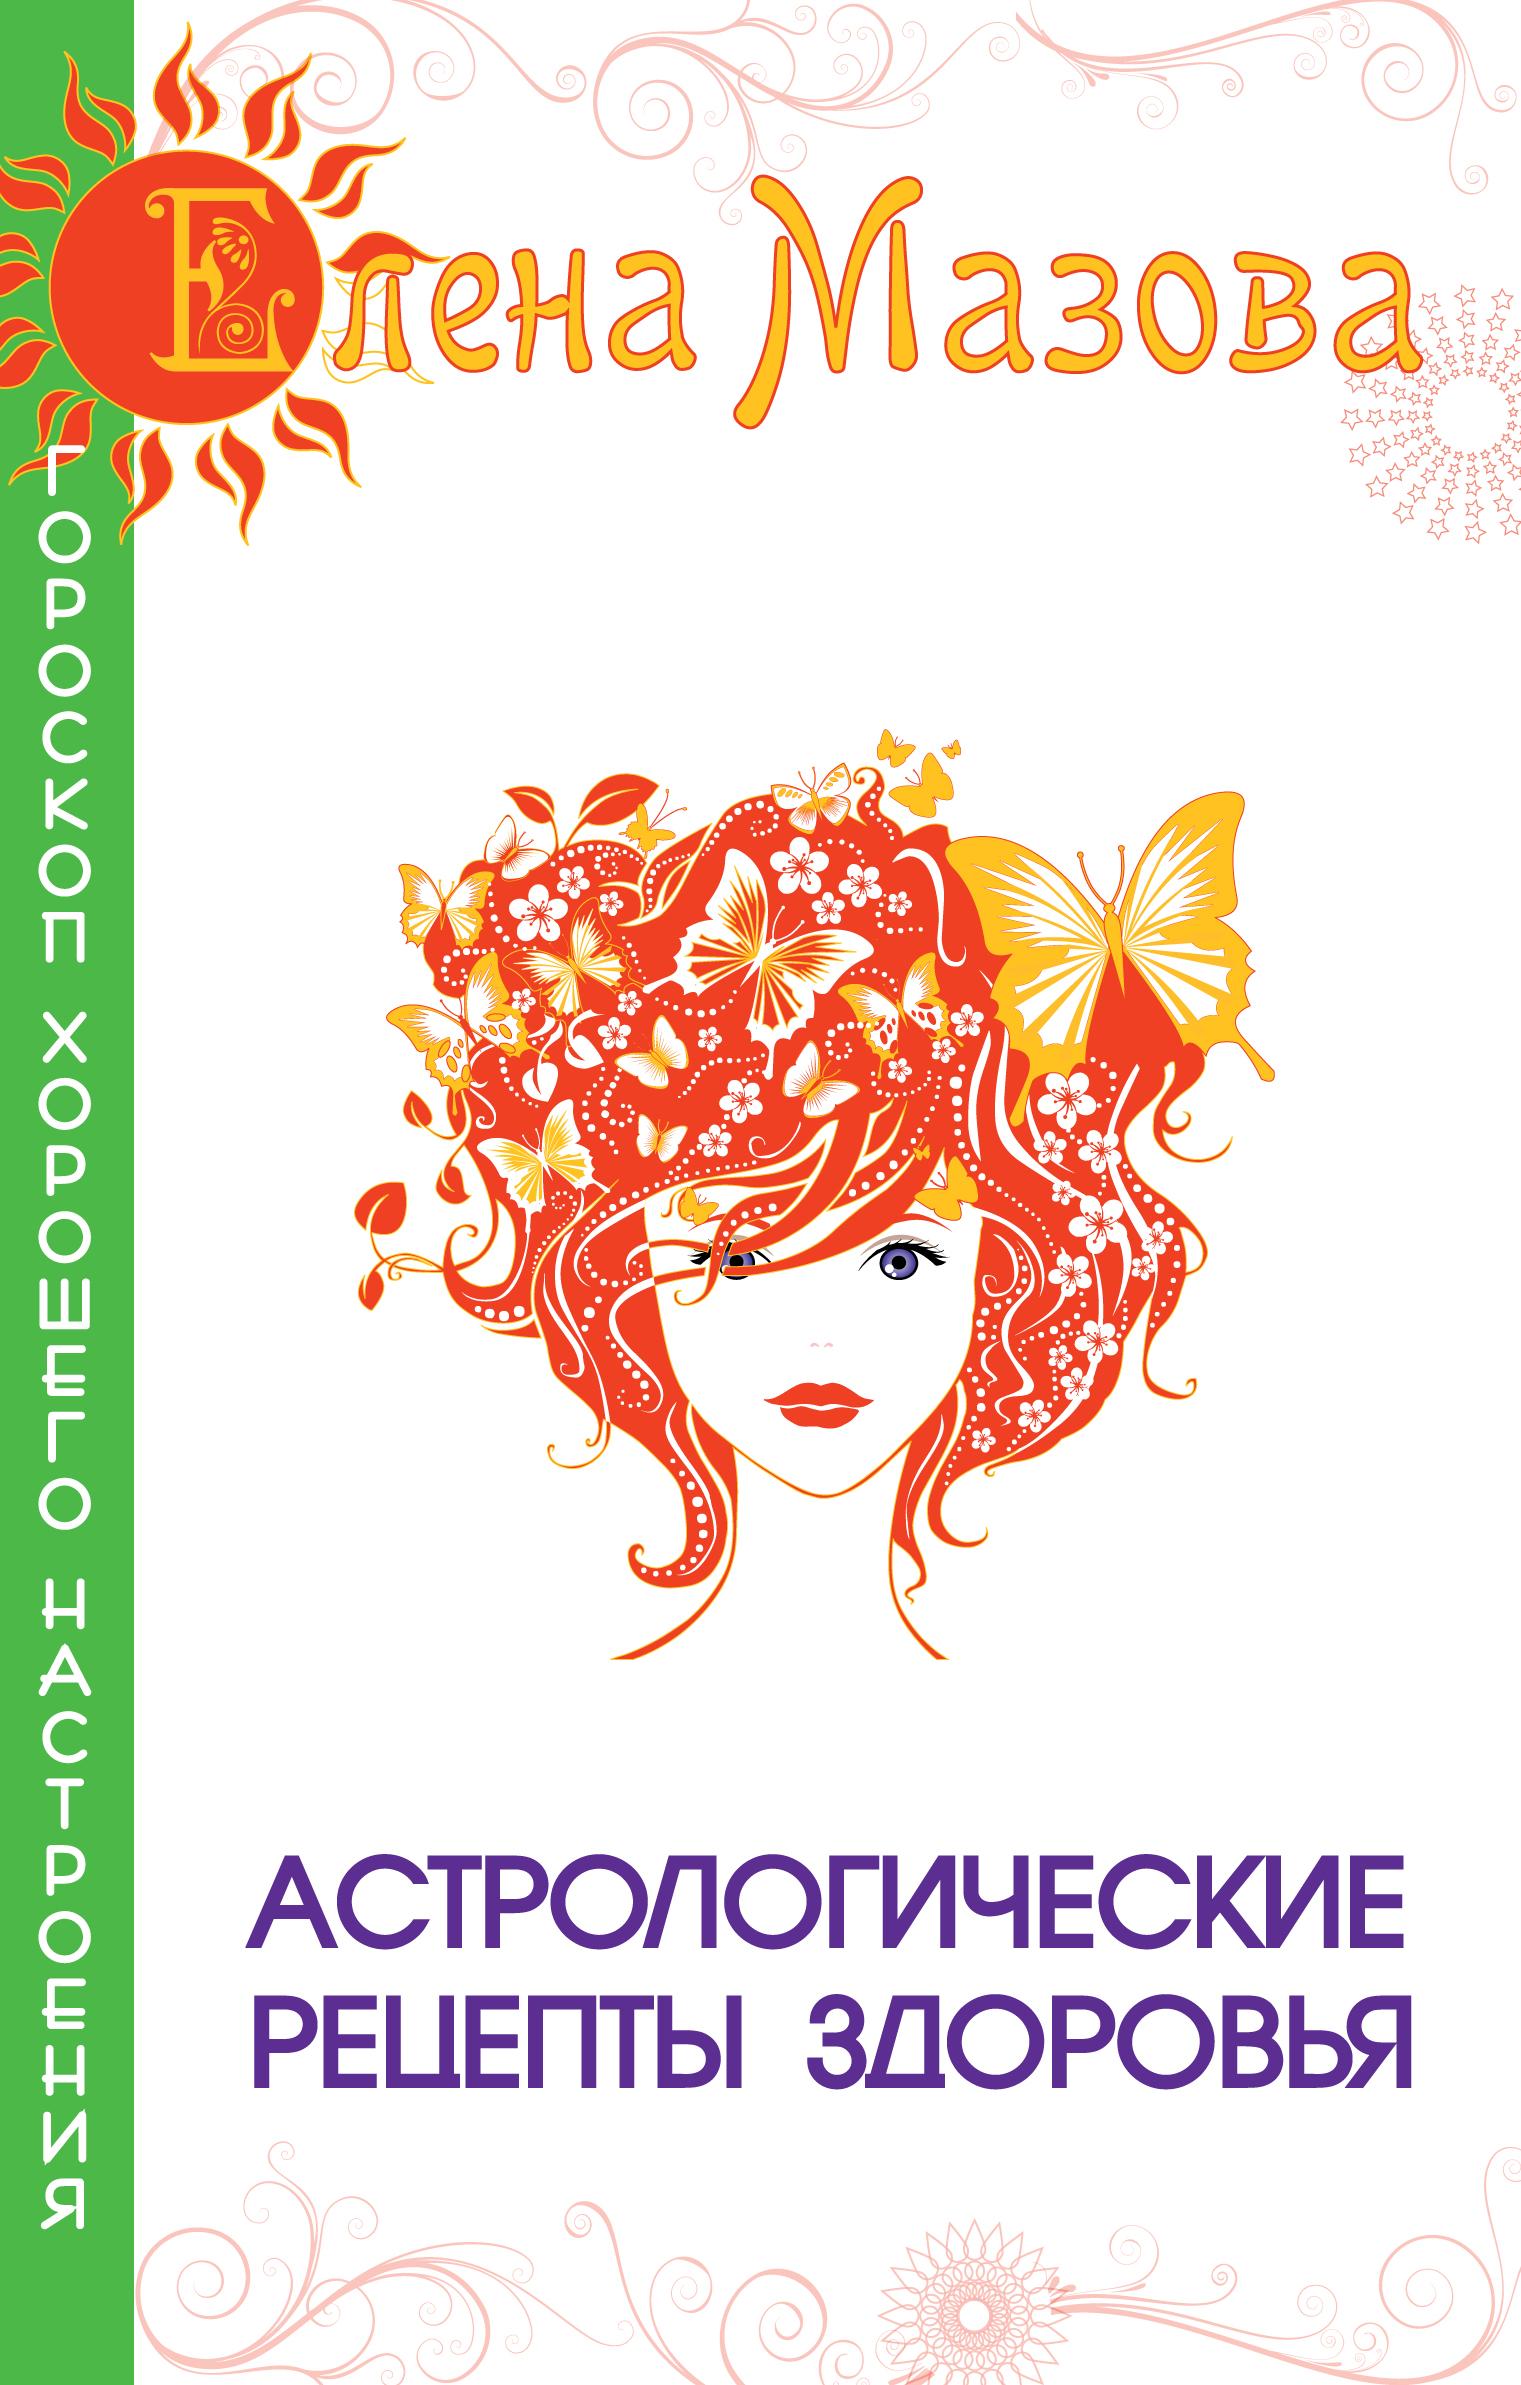 Астрологические рецепты здоровья. 4-е изд.